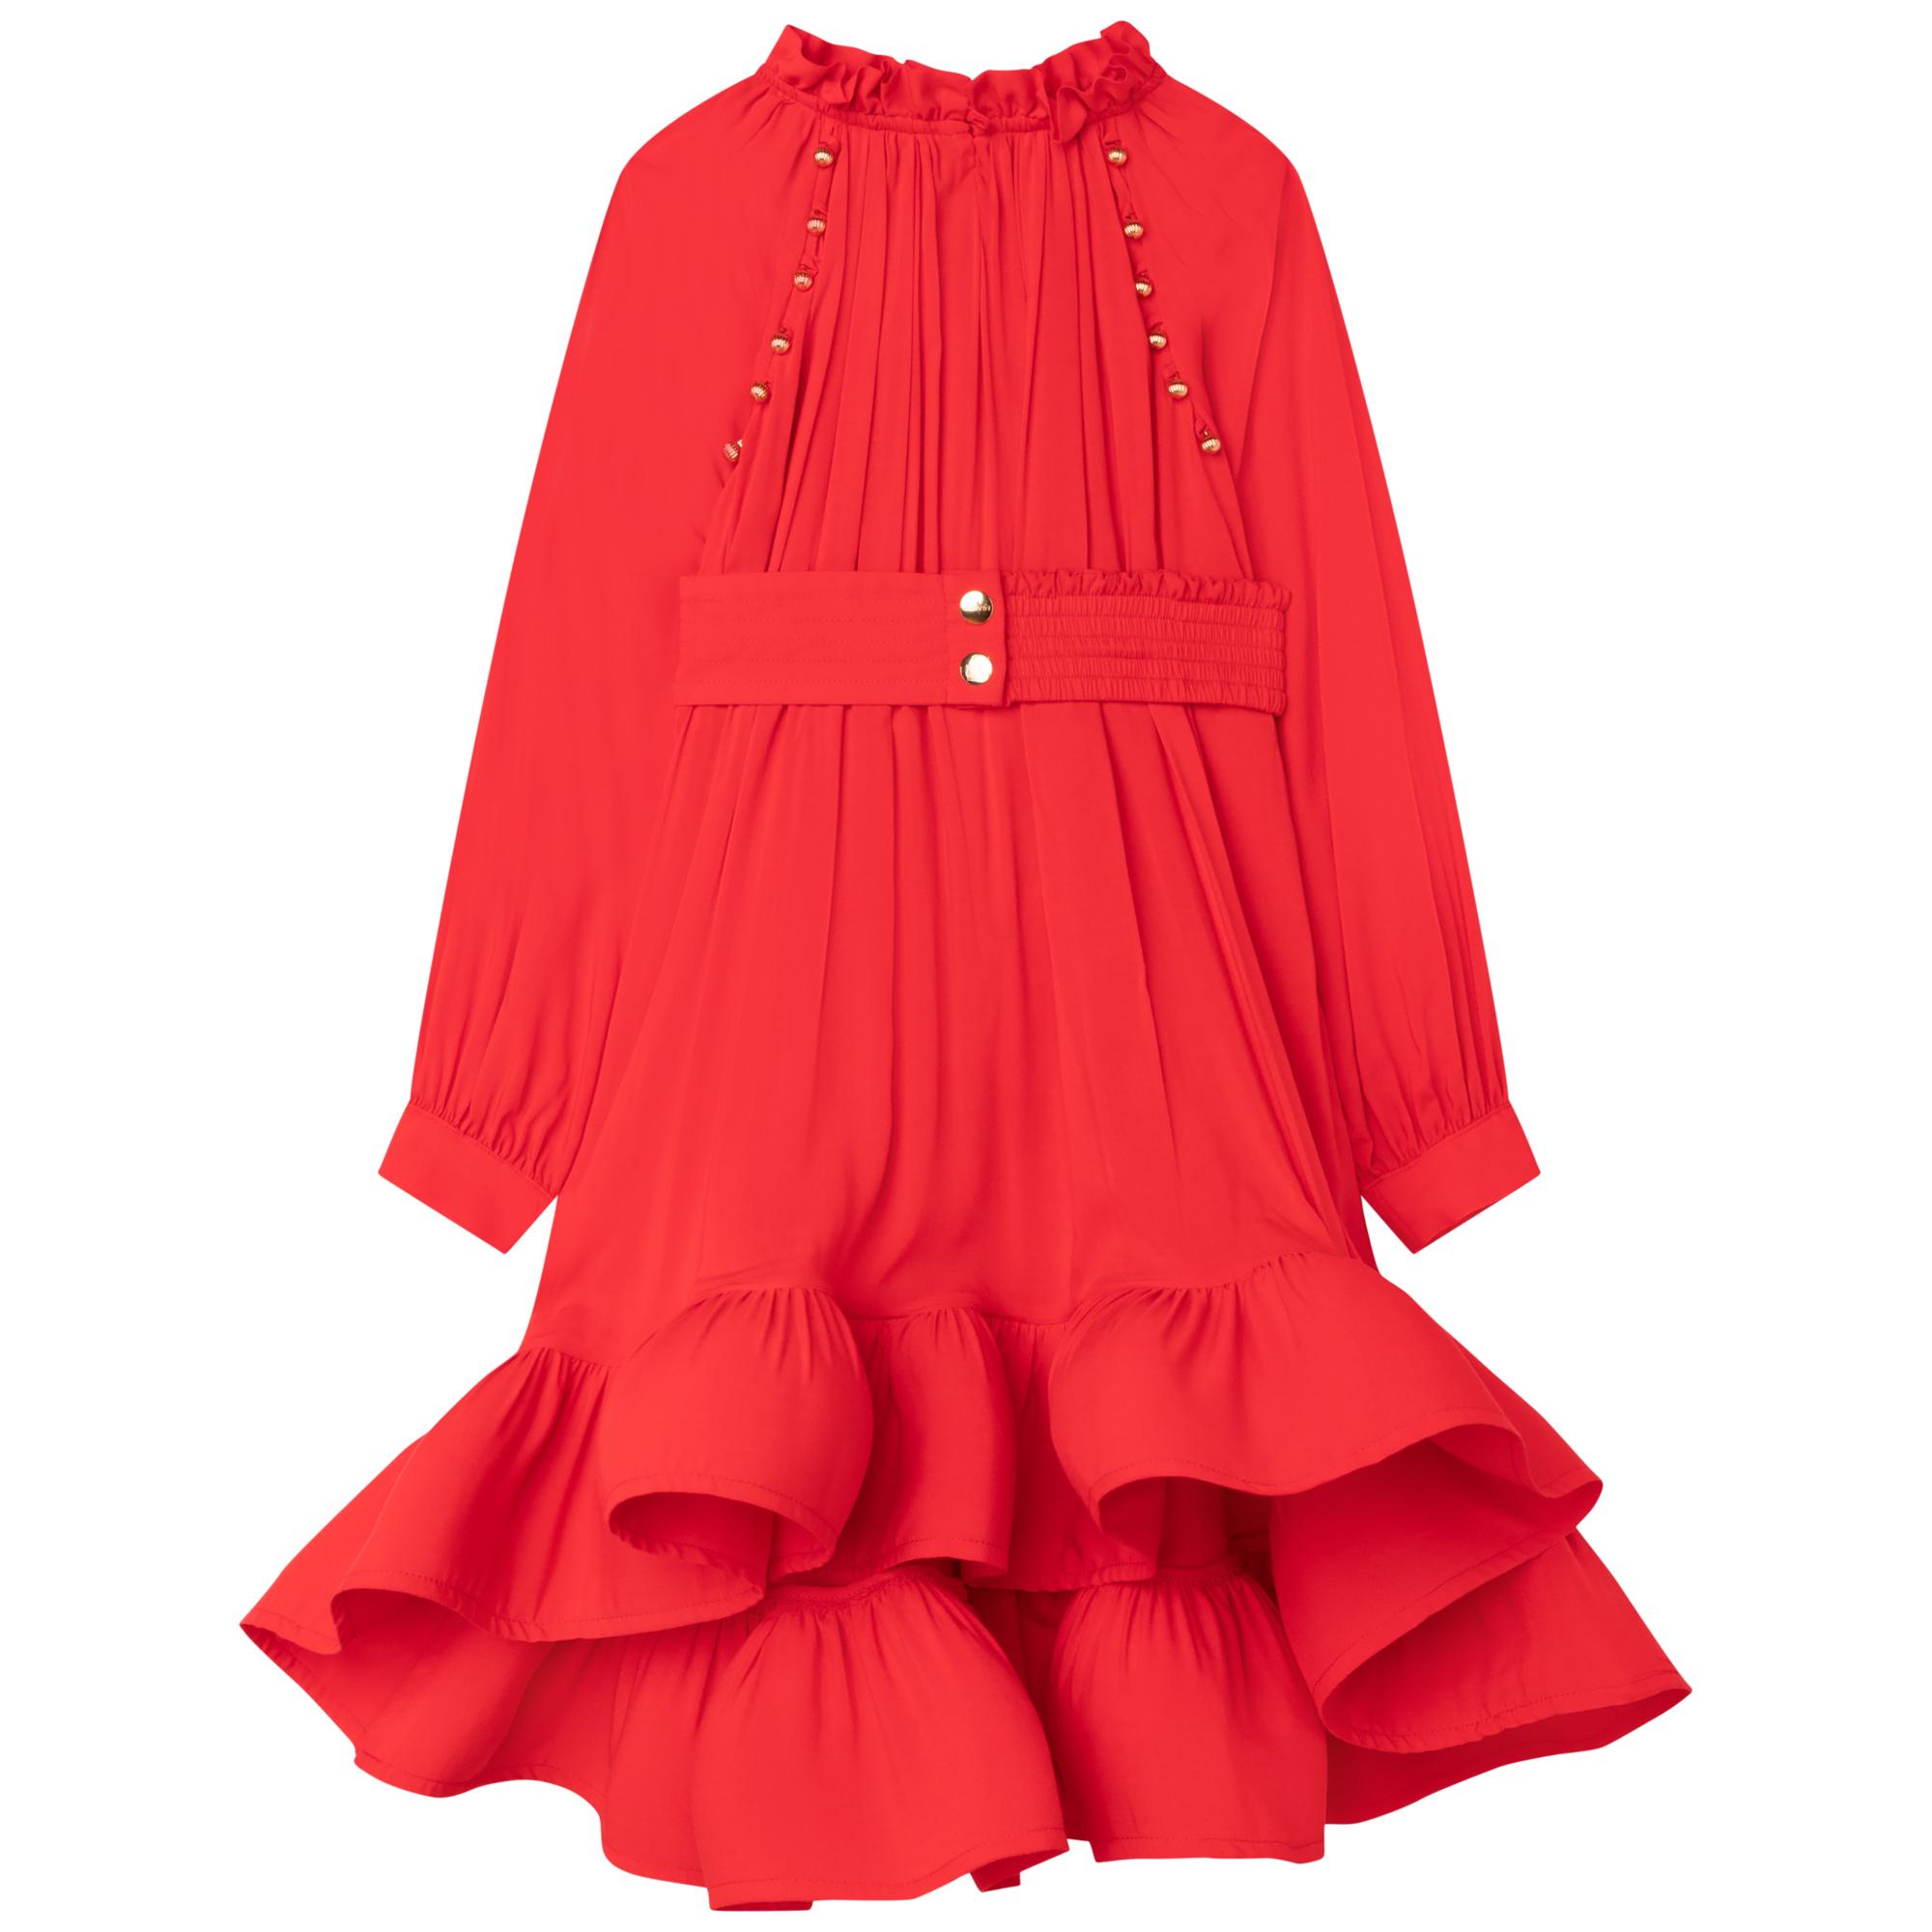 Ruffled formal dress LANVIN for GIRL